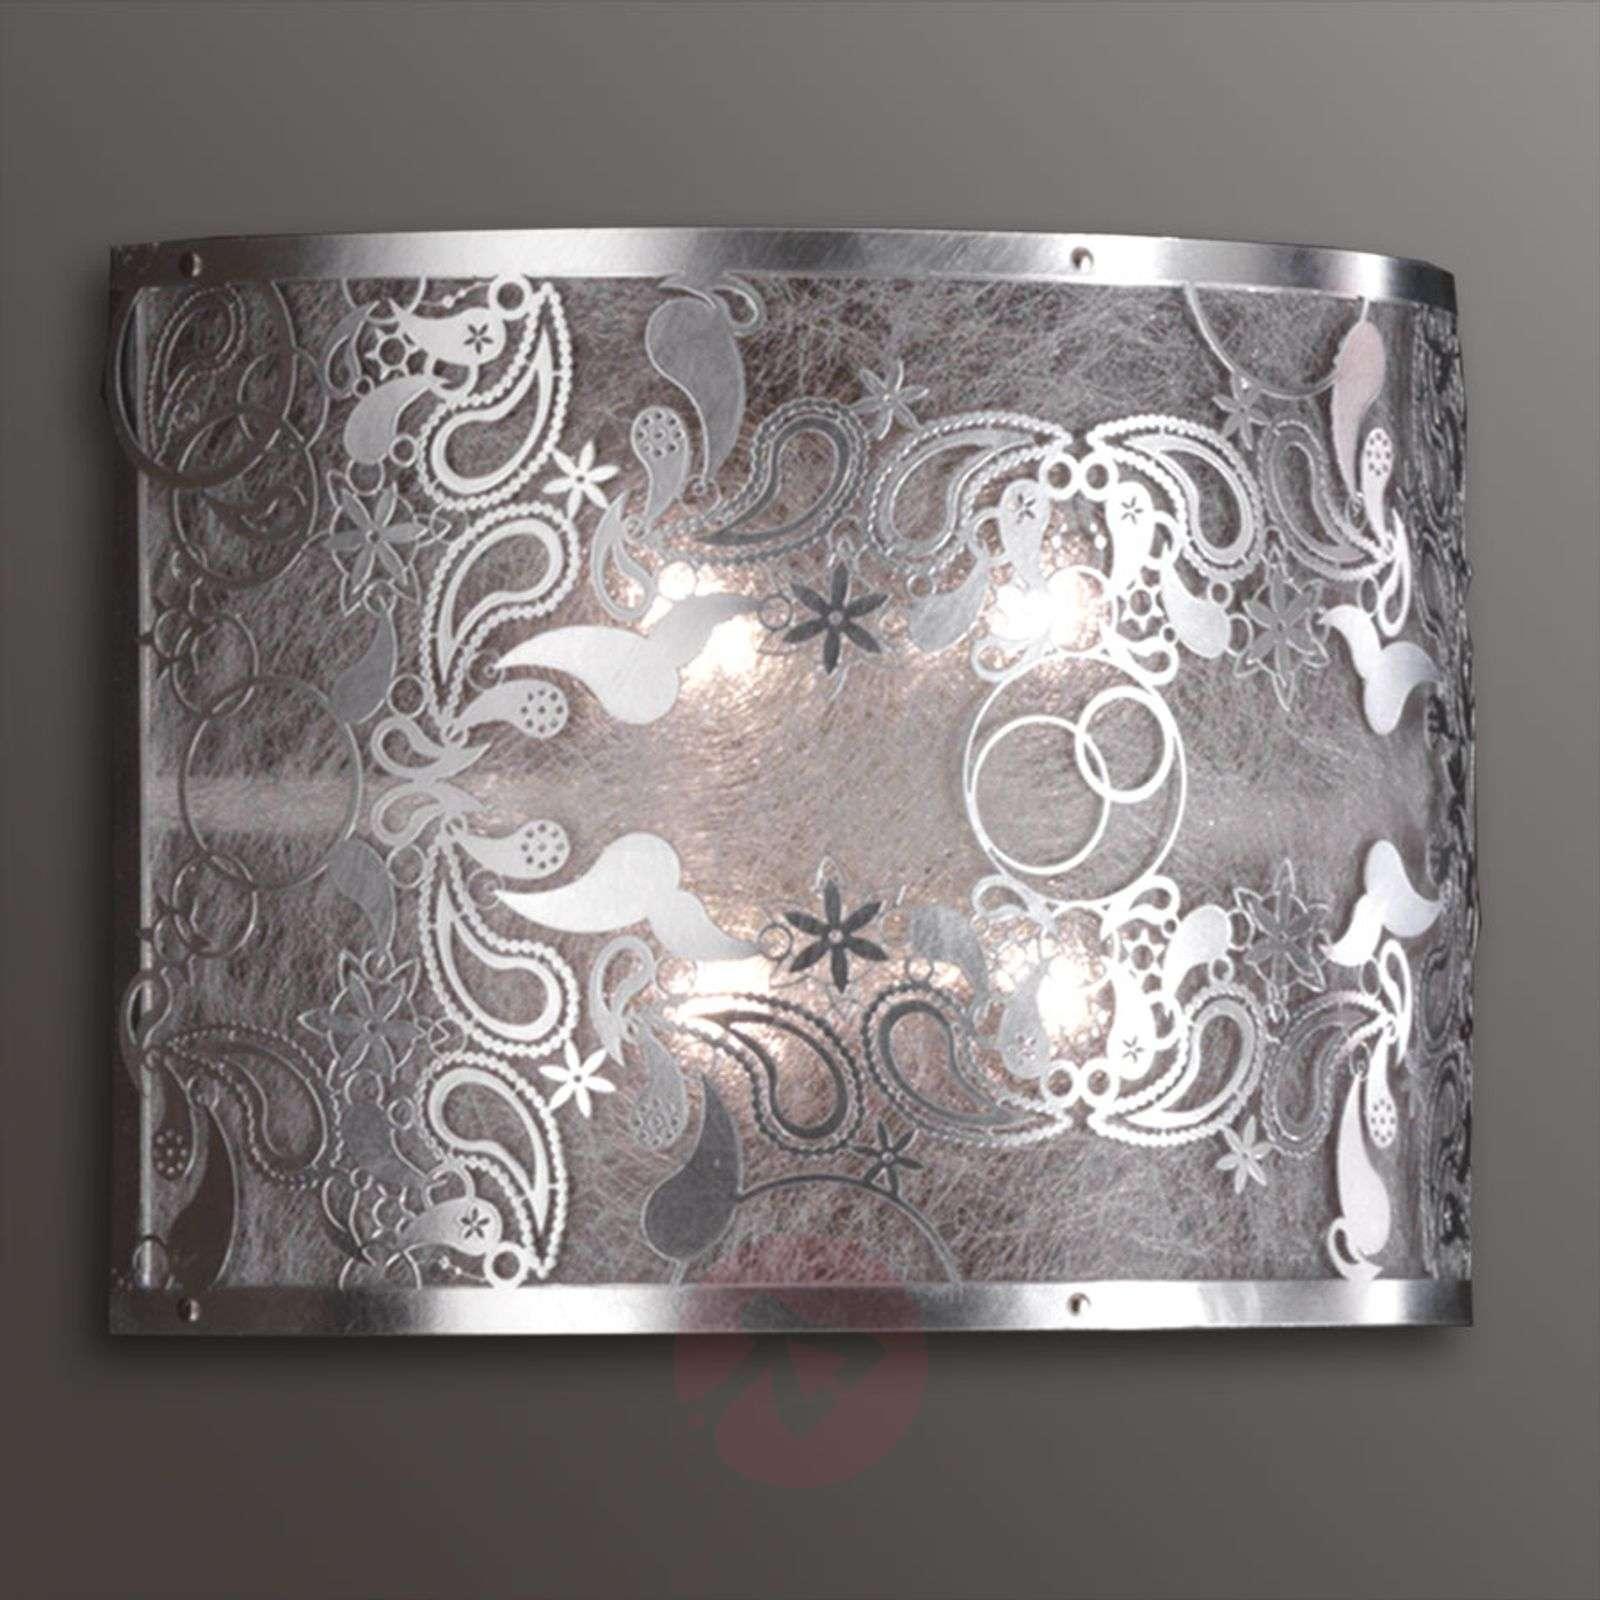 Cashmere raffinoitu seinävalaisin-6532081-01